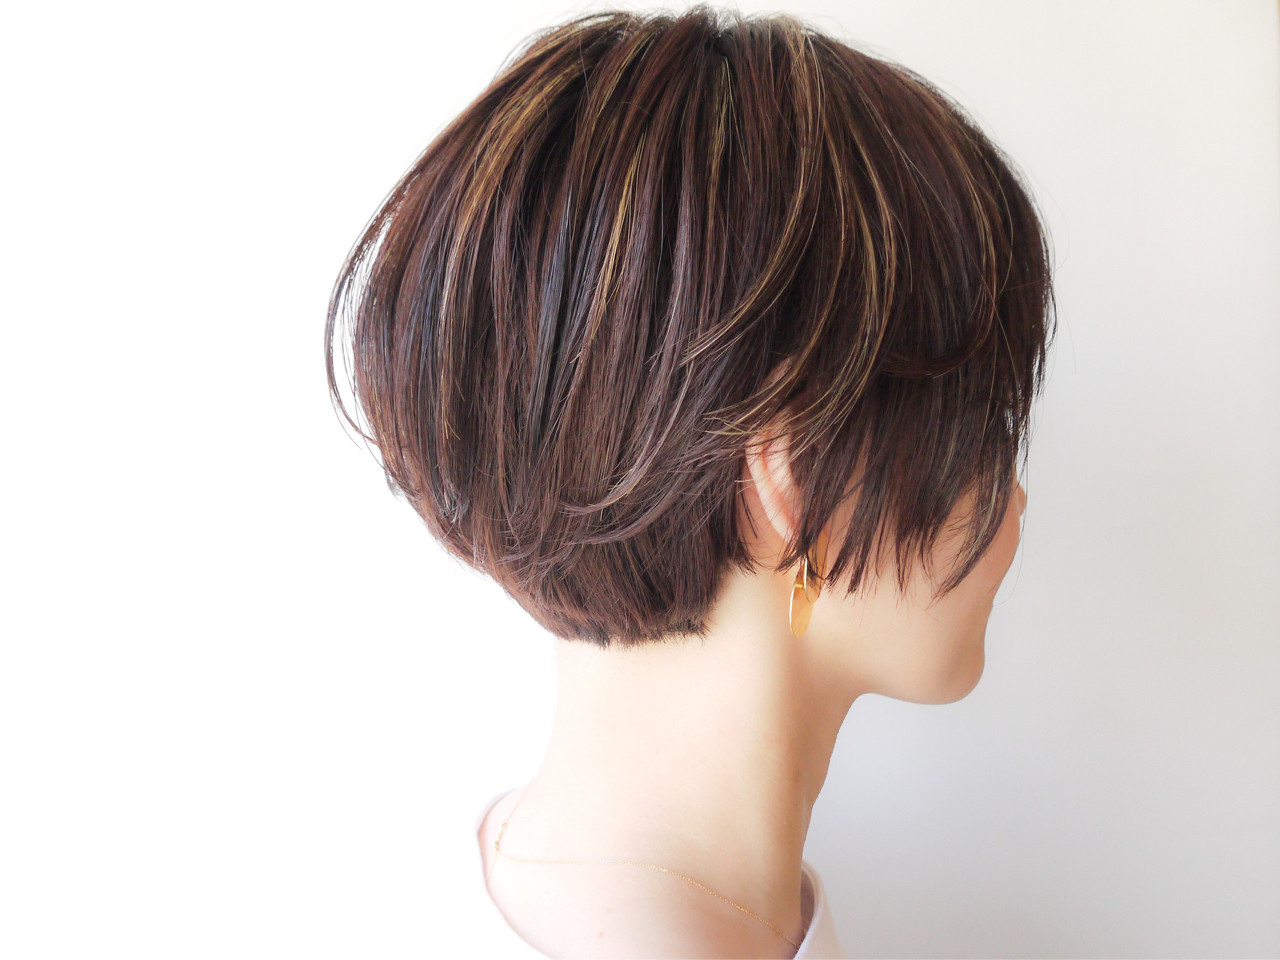 モテ髪 ゆるふわ ショートボブ コンサバ ヘアスタイルや髪型の写真・画像